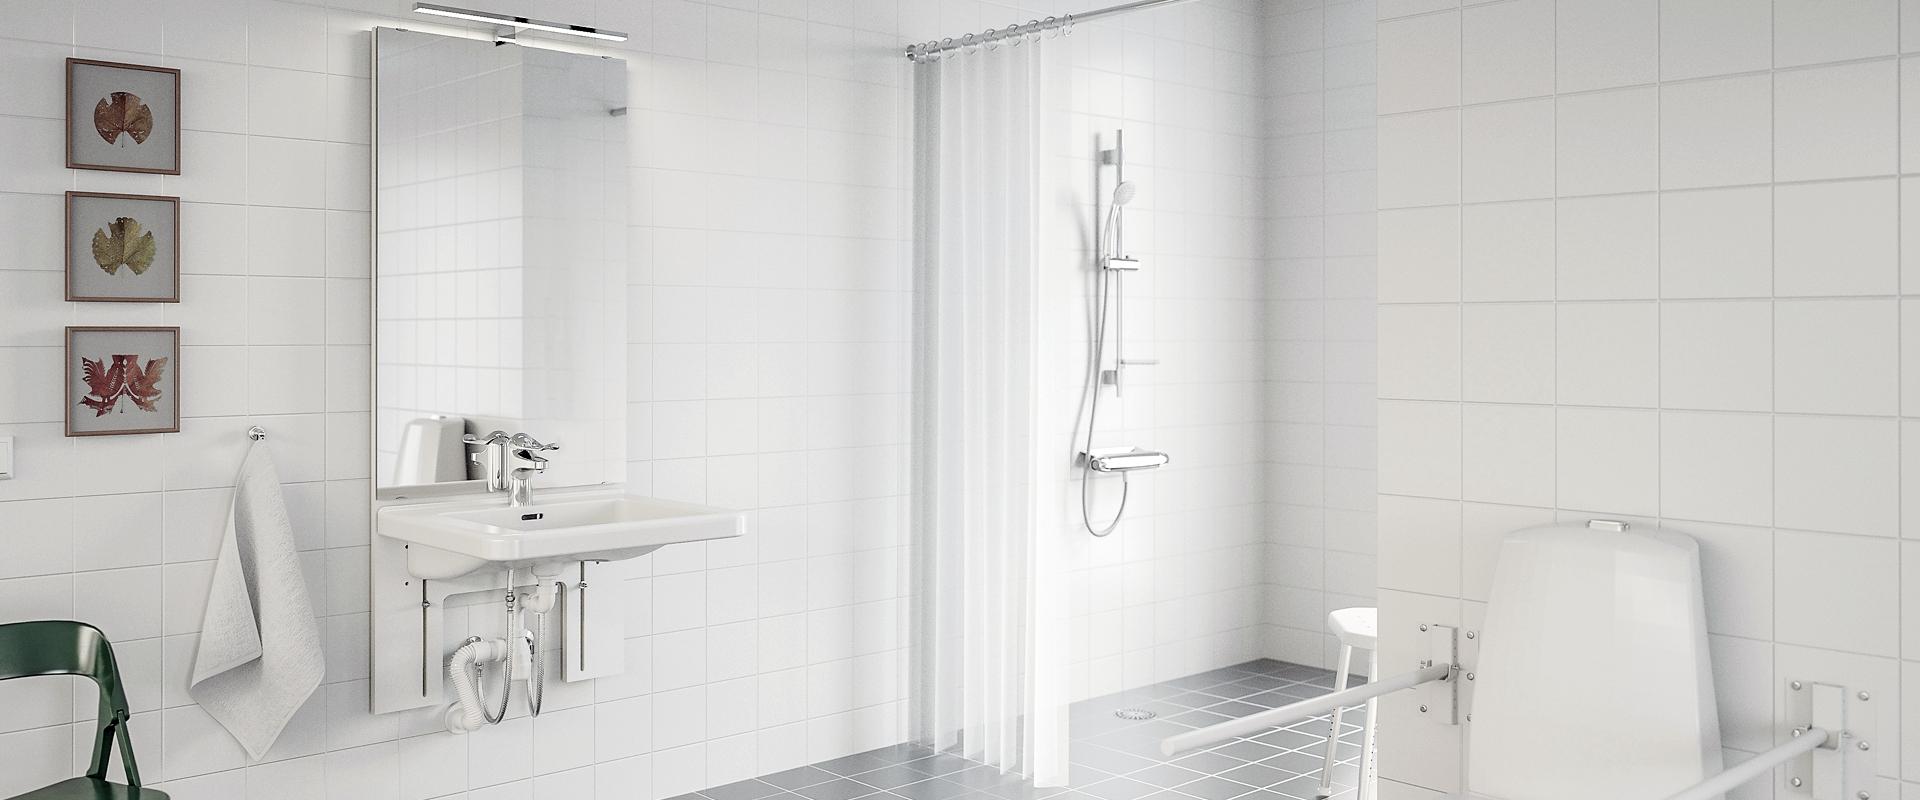 Granbergs badrumsprodukter för Skola/Vård/Omsorg